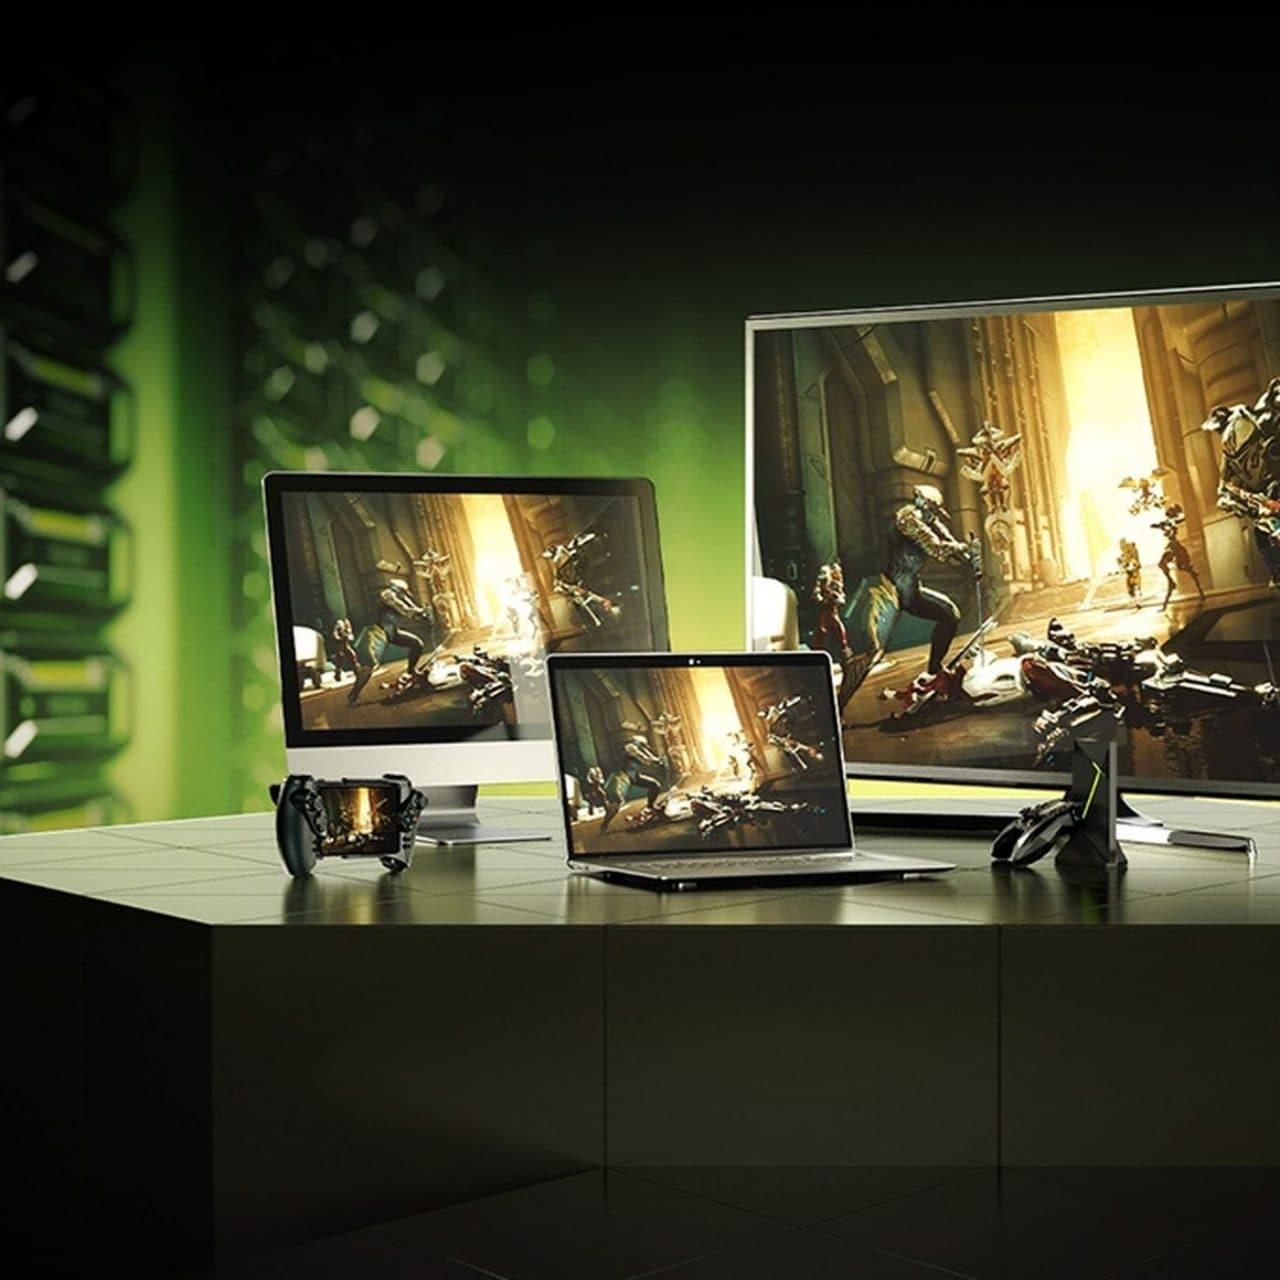 Un'altra defezione su GeForce Now di NVIDIA, questa volta tocca a The Long Dark